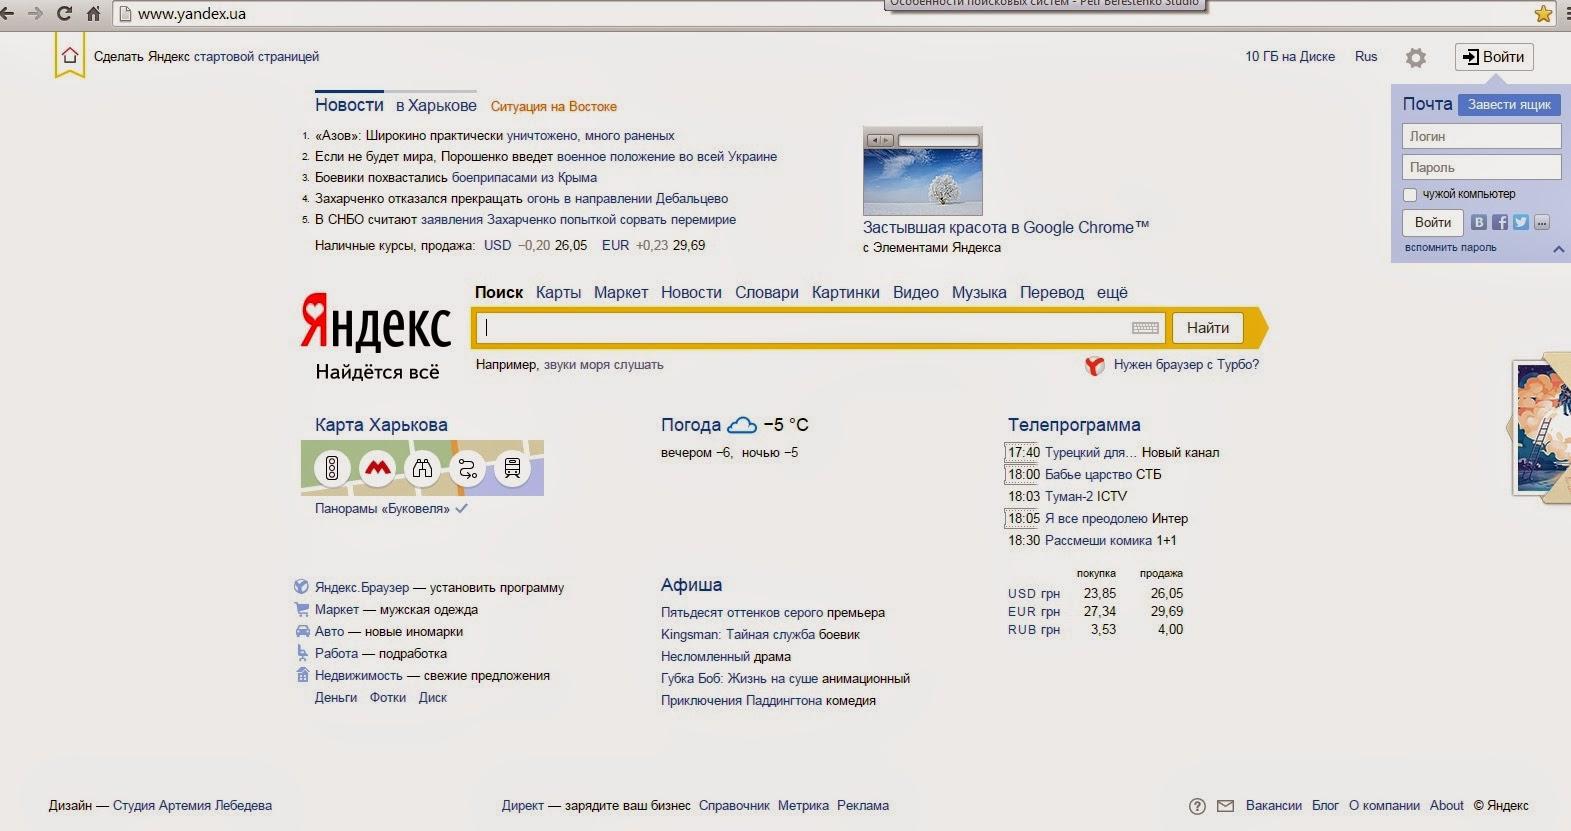 Как поставить пароль на браузер: Яндекс, Google 72